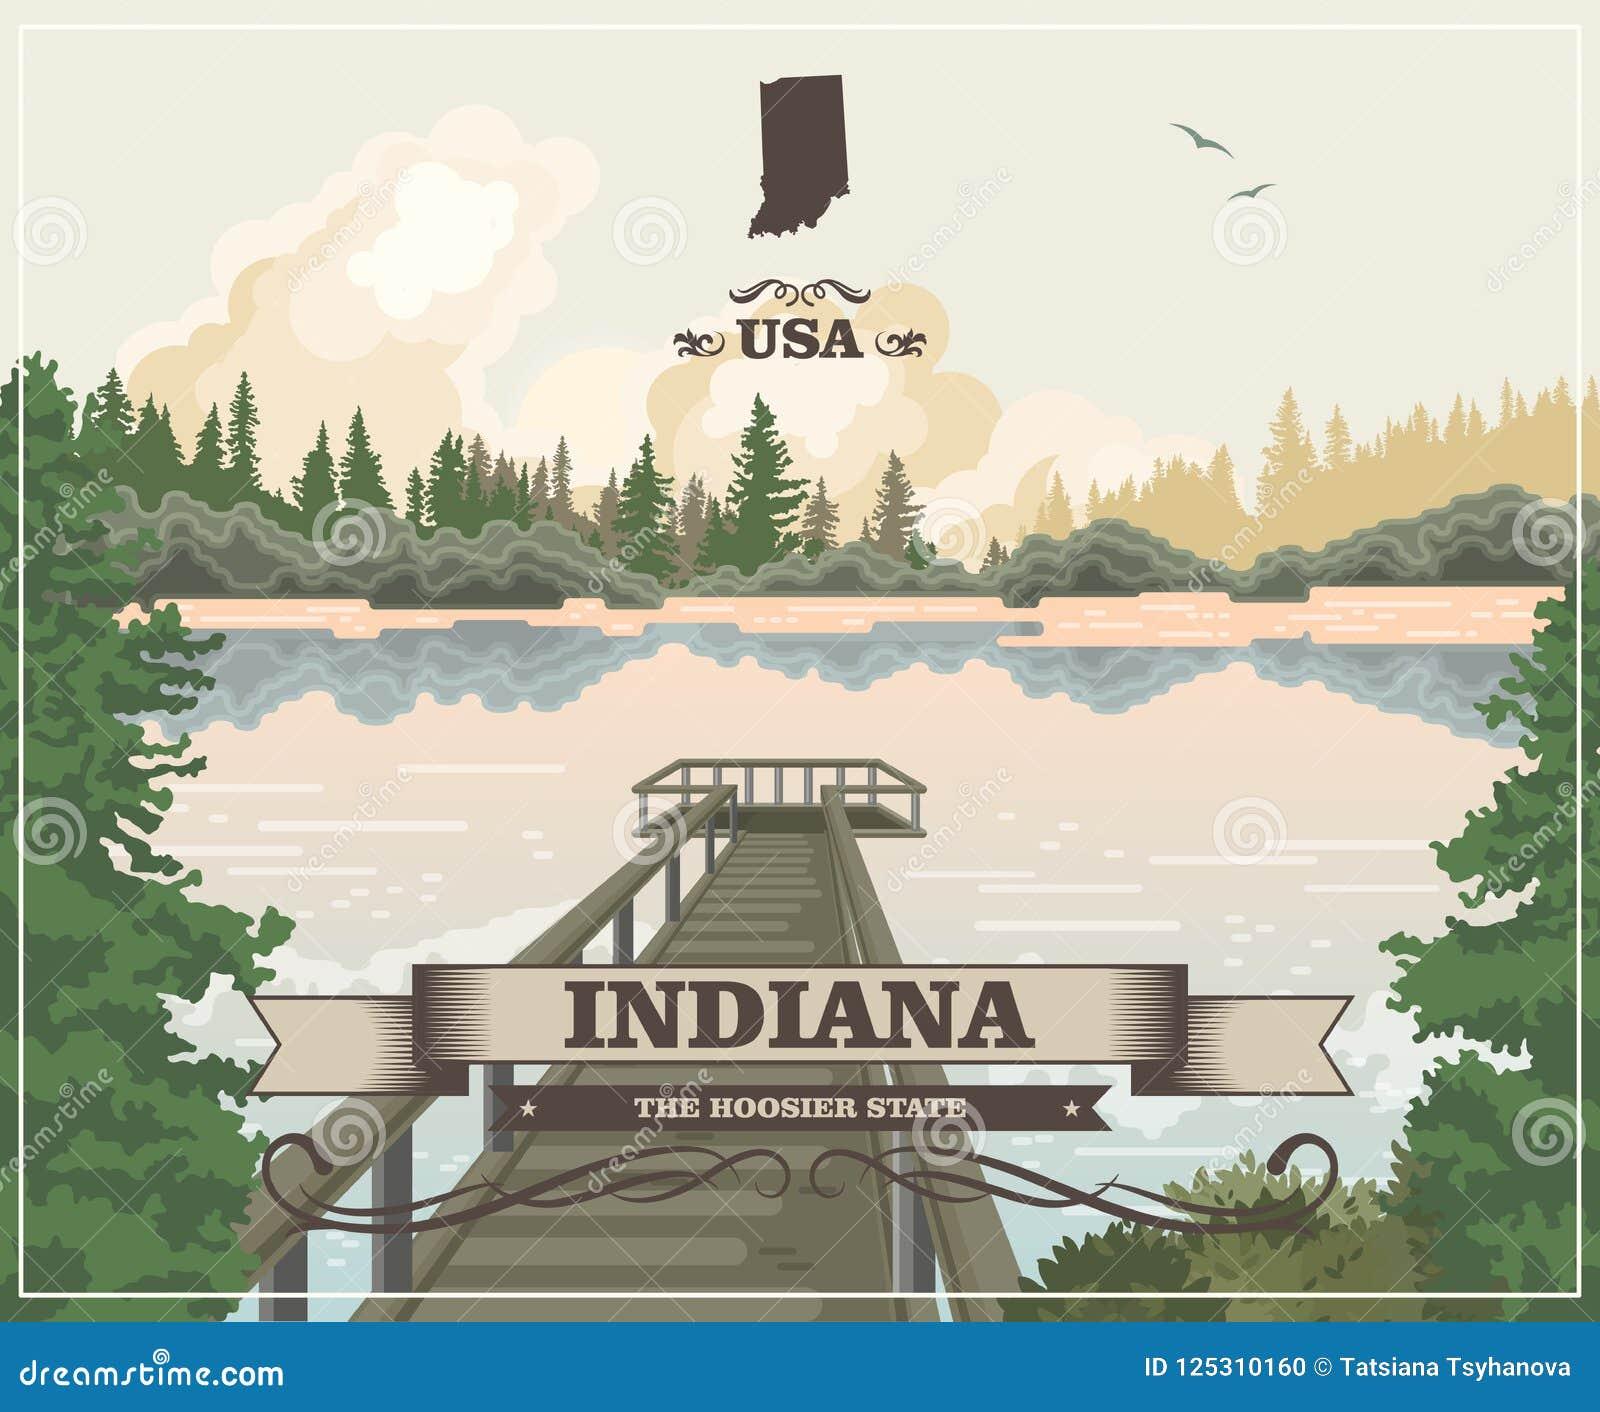 Indiana State Lo stato del hooster Gli Stati Uniti d America Cartolina da Indianapolis Vettore di viaggio